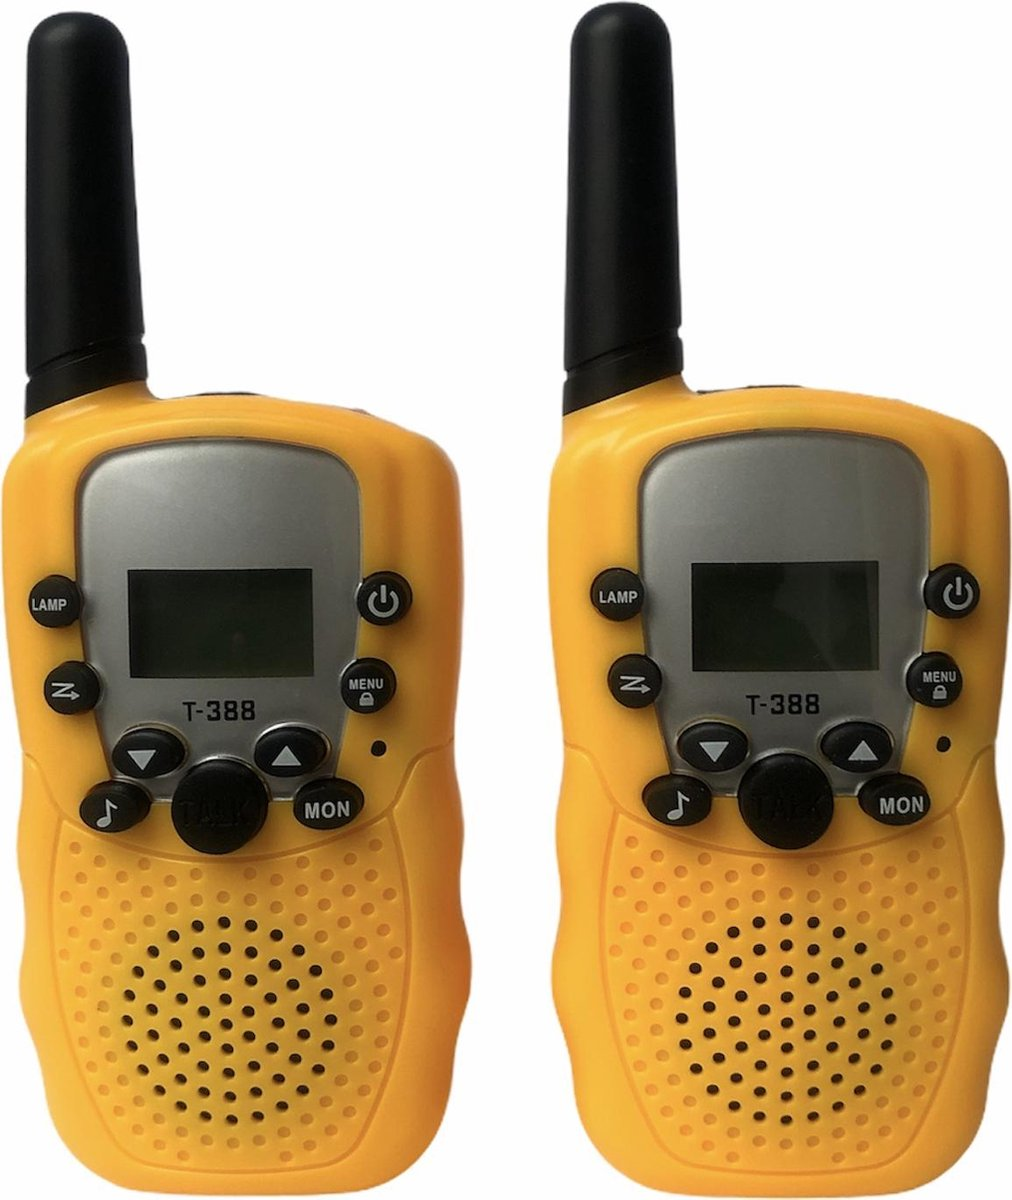 Walkie Talkie set voor kinderen & volwassenen - 6KM bereik - portofoon - 2 stuks - geel - inclusief 8 batterijen - indoor/outdoor